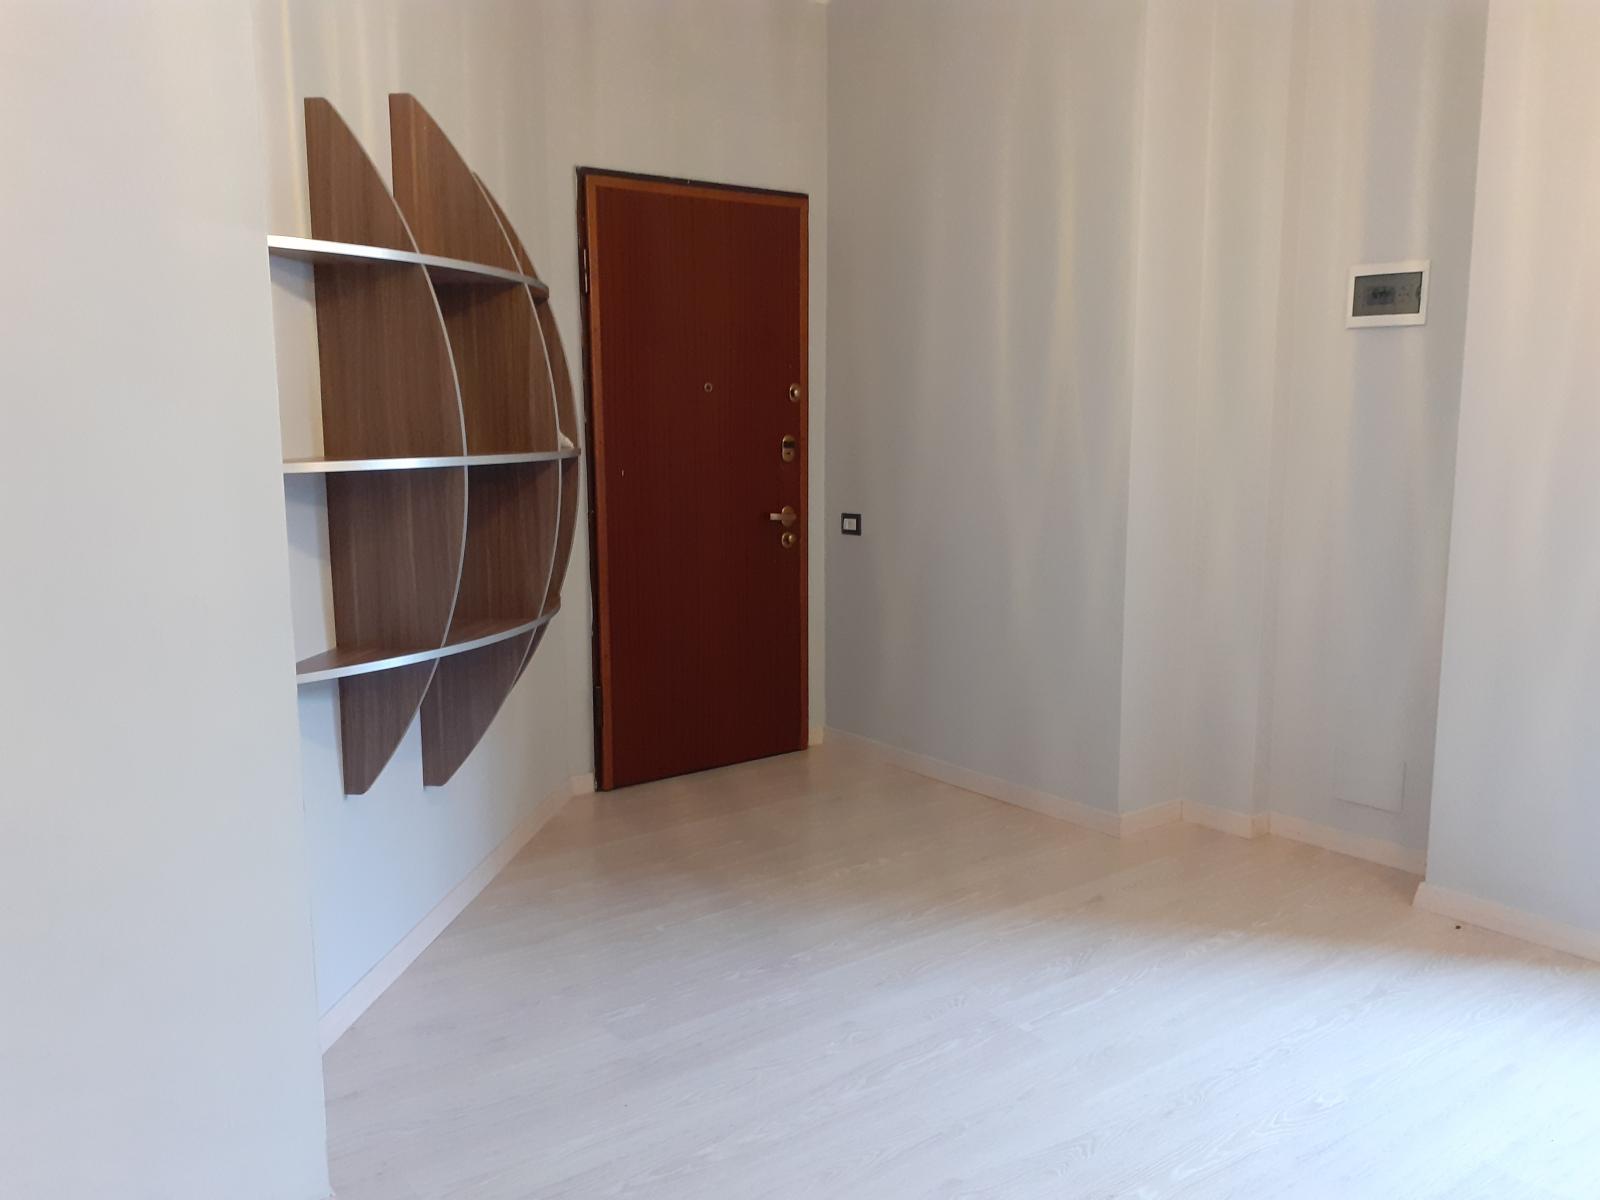 appartamento-in-vendita-milano-baggio-2-locali-open-space-spaziourbano-immobiliare-vende-8